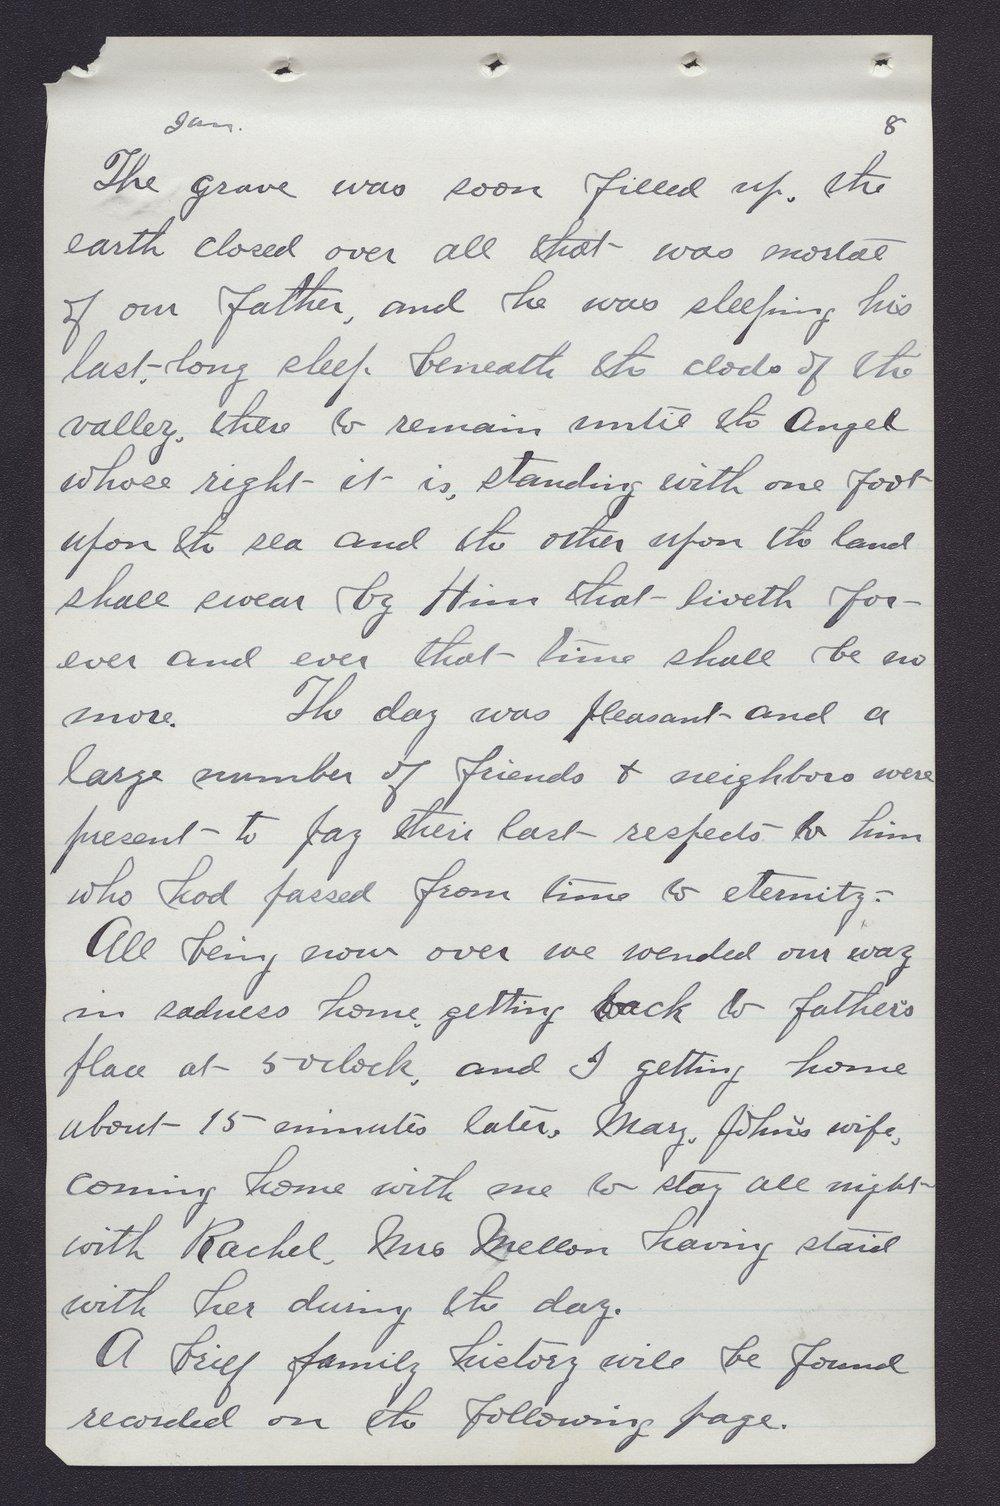 Elam Bartholomew diary - Jan 4, 1881 (5)